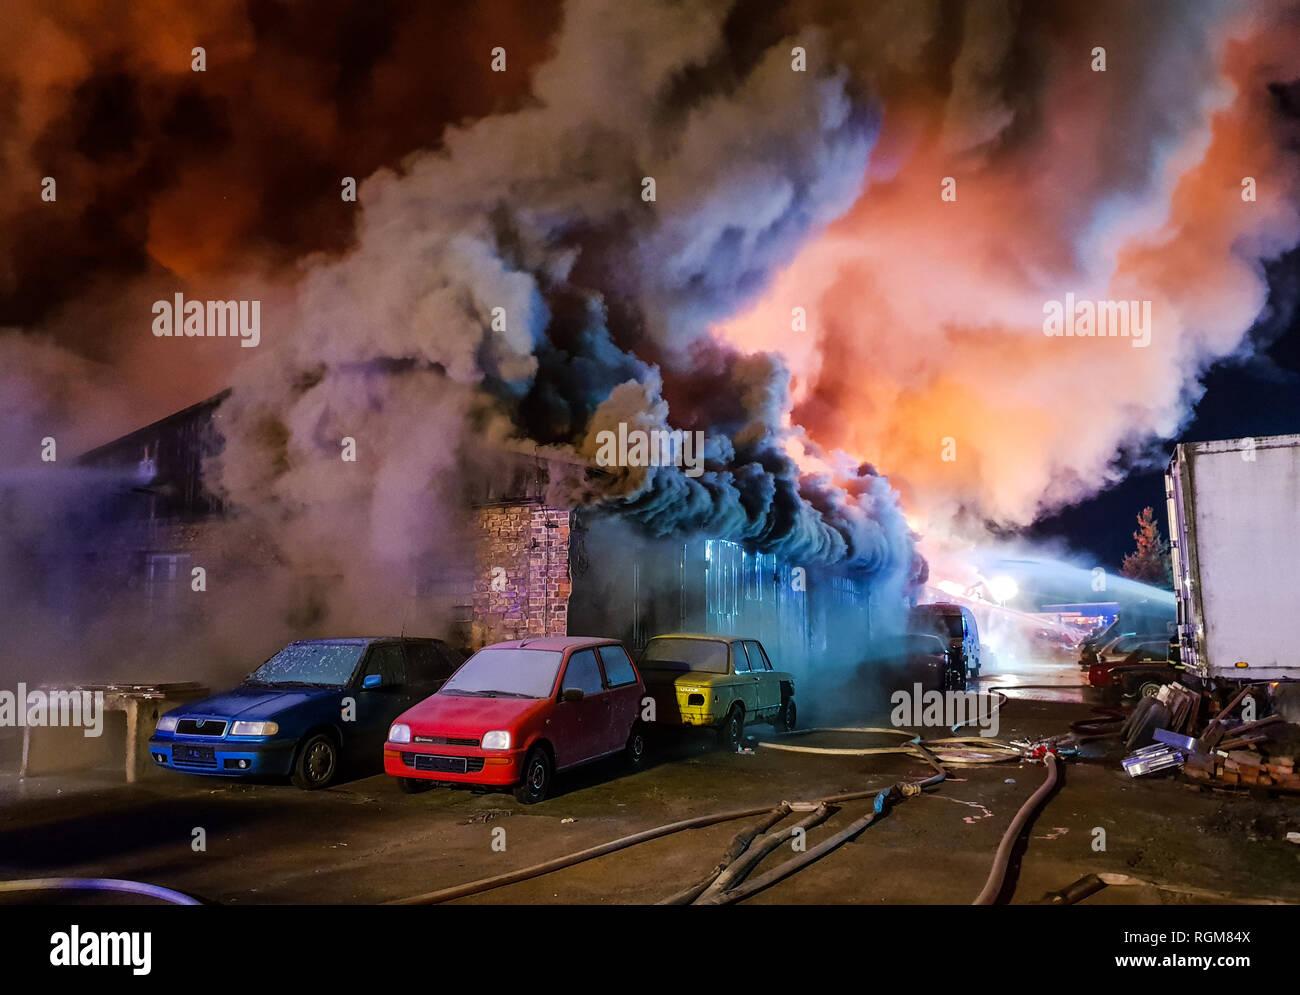 Zeuthen, Allemagne. 30Th Jan, 2019. Une fumée dense se dégage sous le toit d'un entrepôt en feu. Plus de 100 pompiers ont travaillé d'éteindre le grand incendie. Credit: Julian Stähle/dpa/Alamy Live News Photo Stock